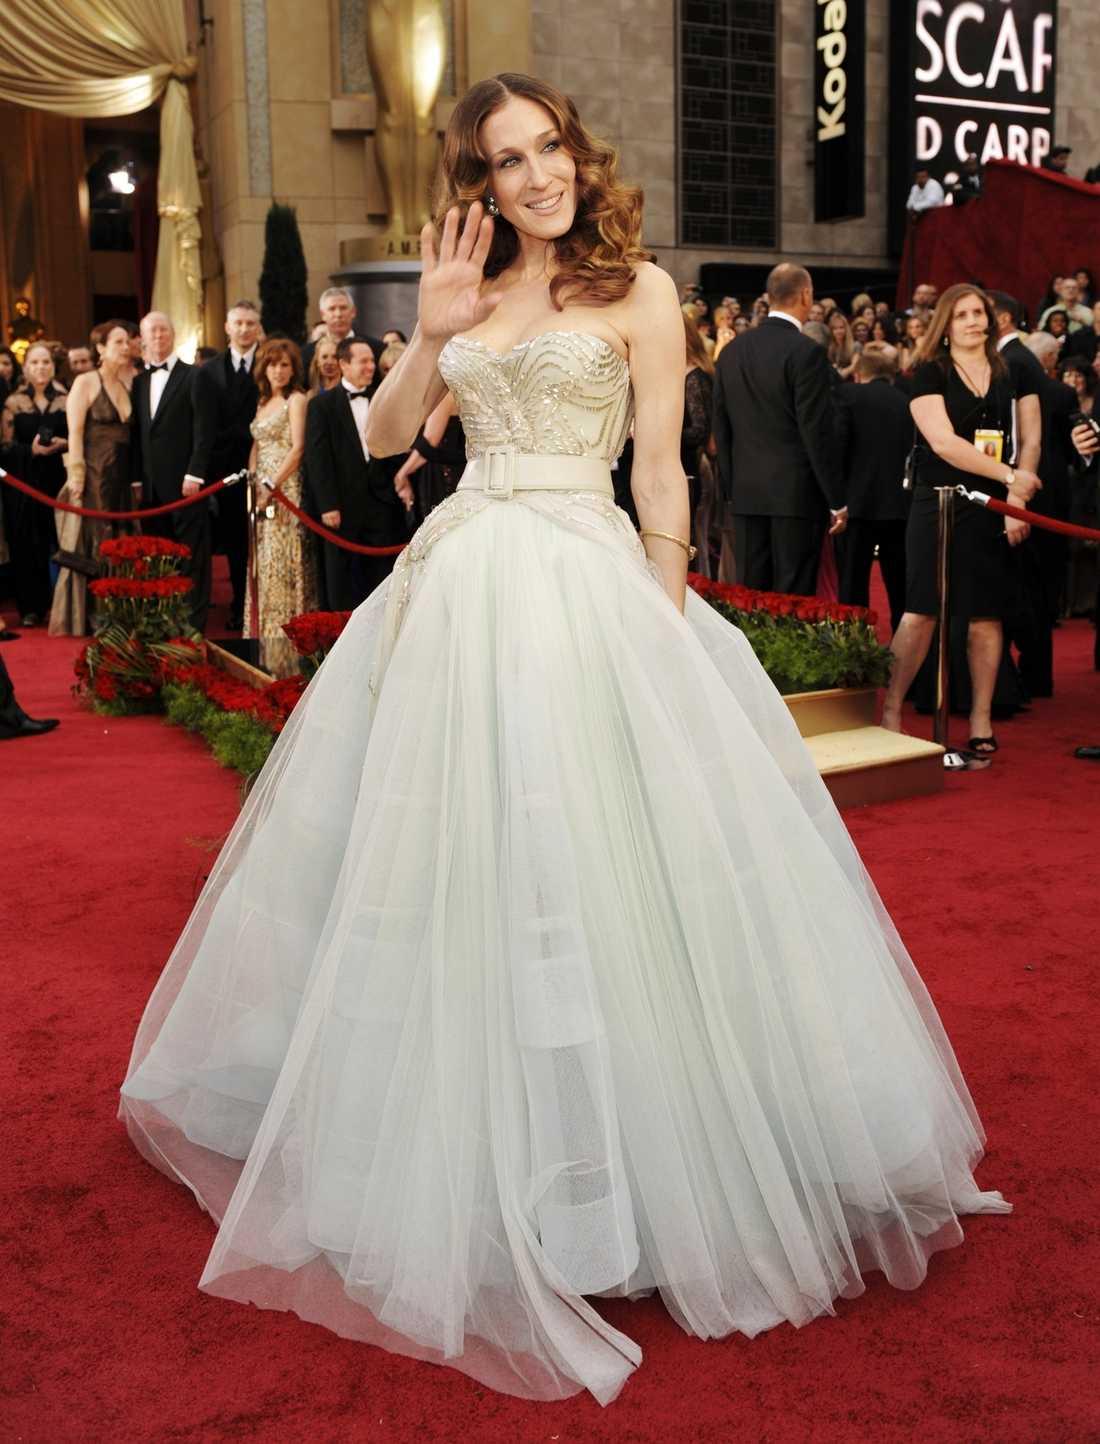 Bara axlar var den stora trenden på senaste Oscarsgalan. Skådisen Sarah Jessica Parker hakade på.